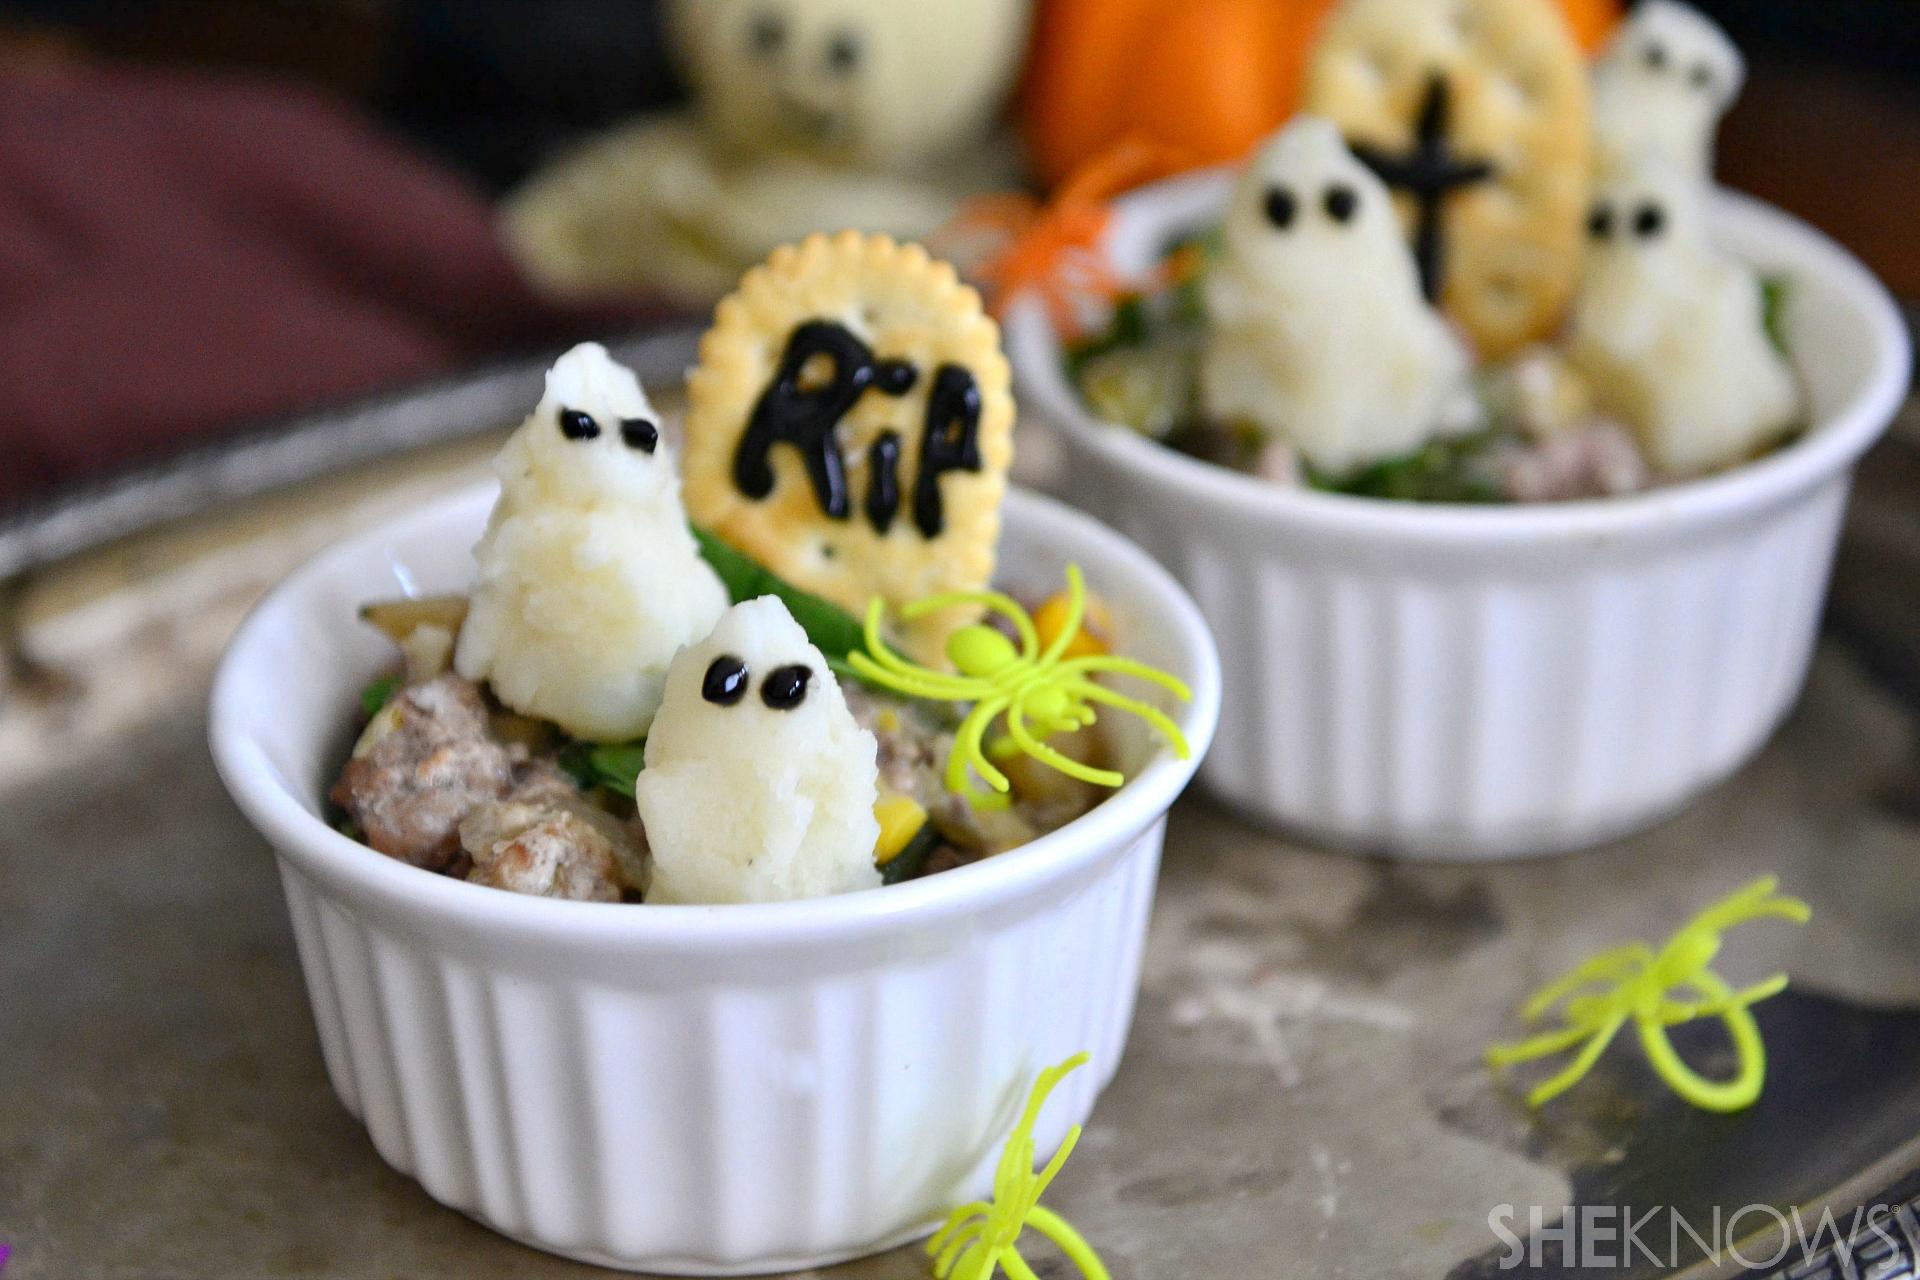 ghost shepherd's pies